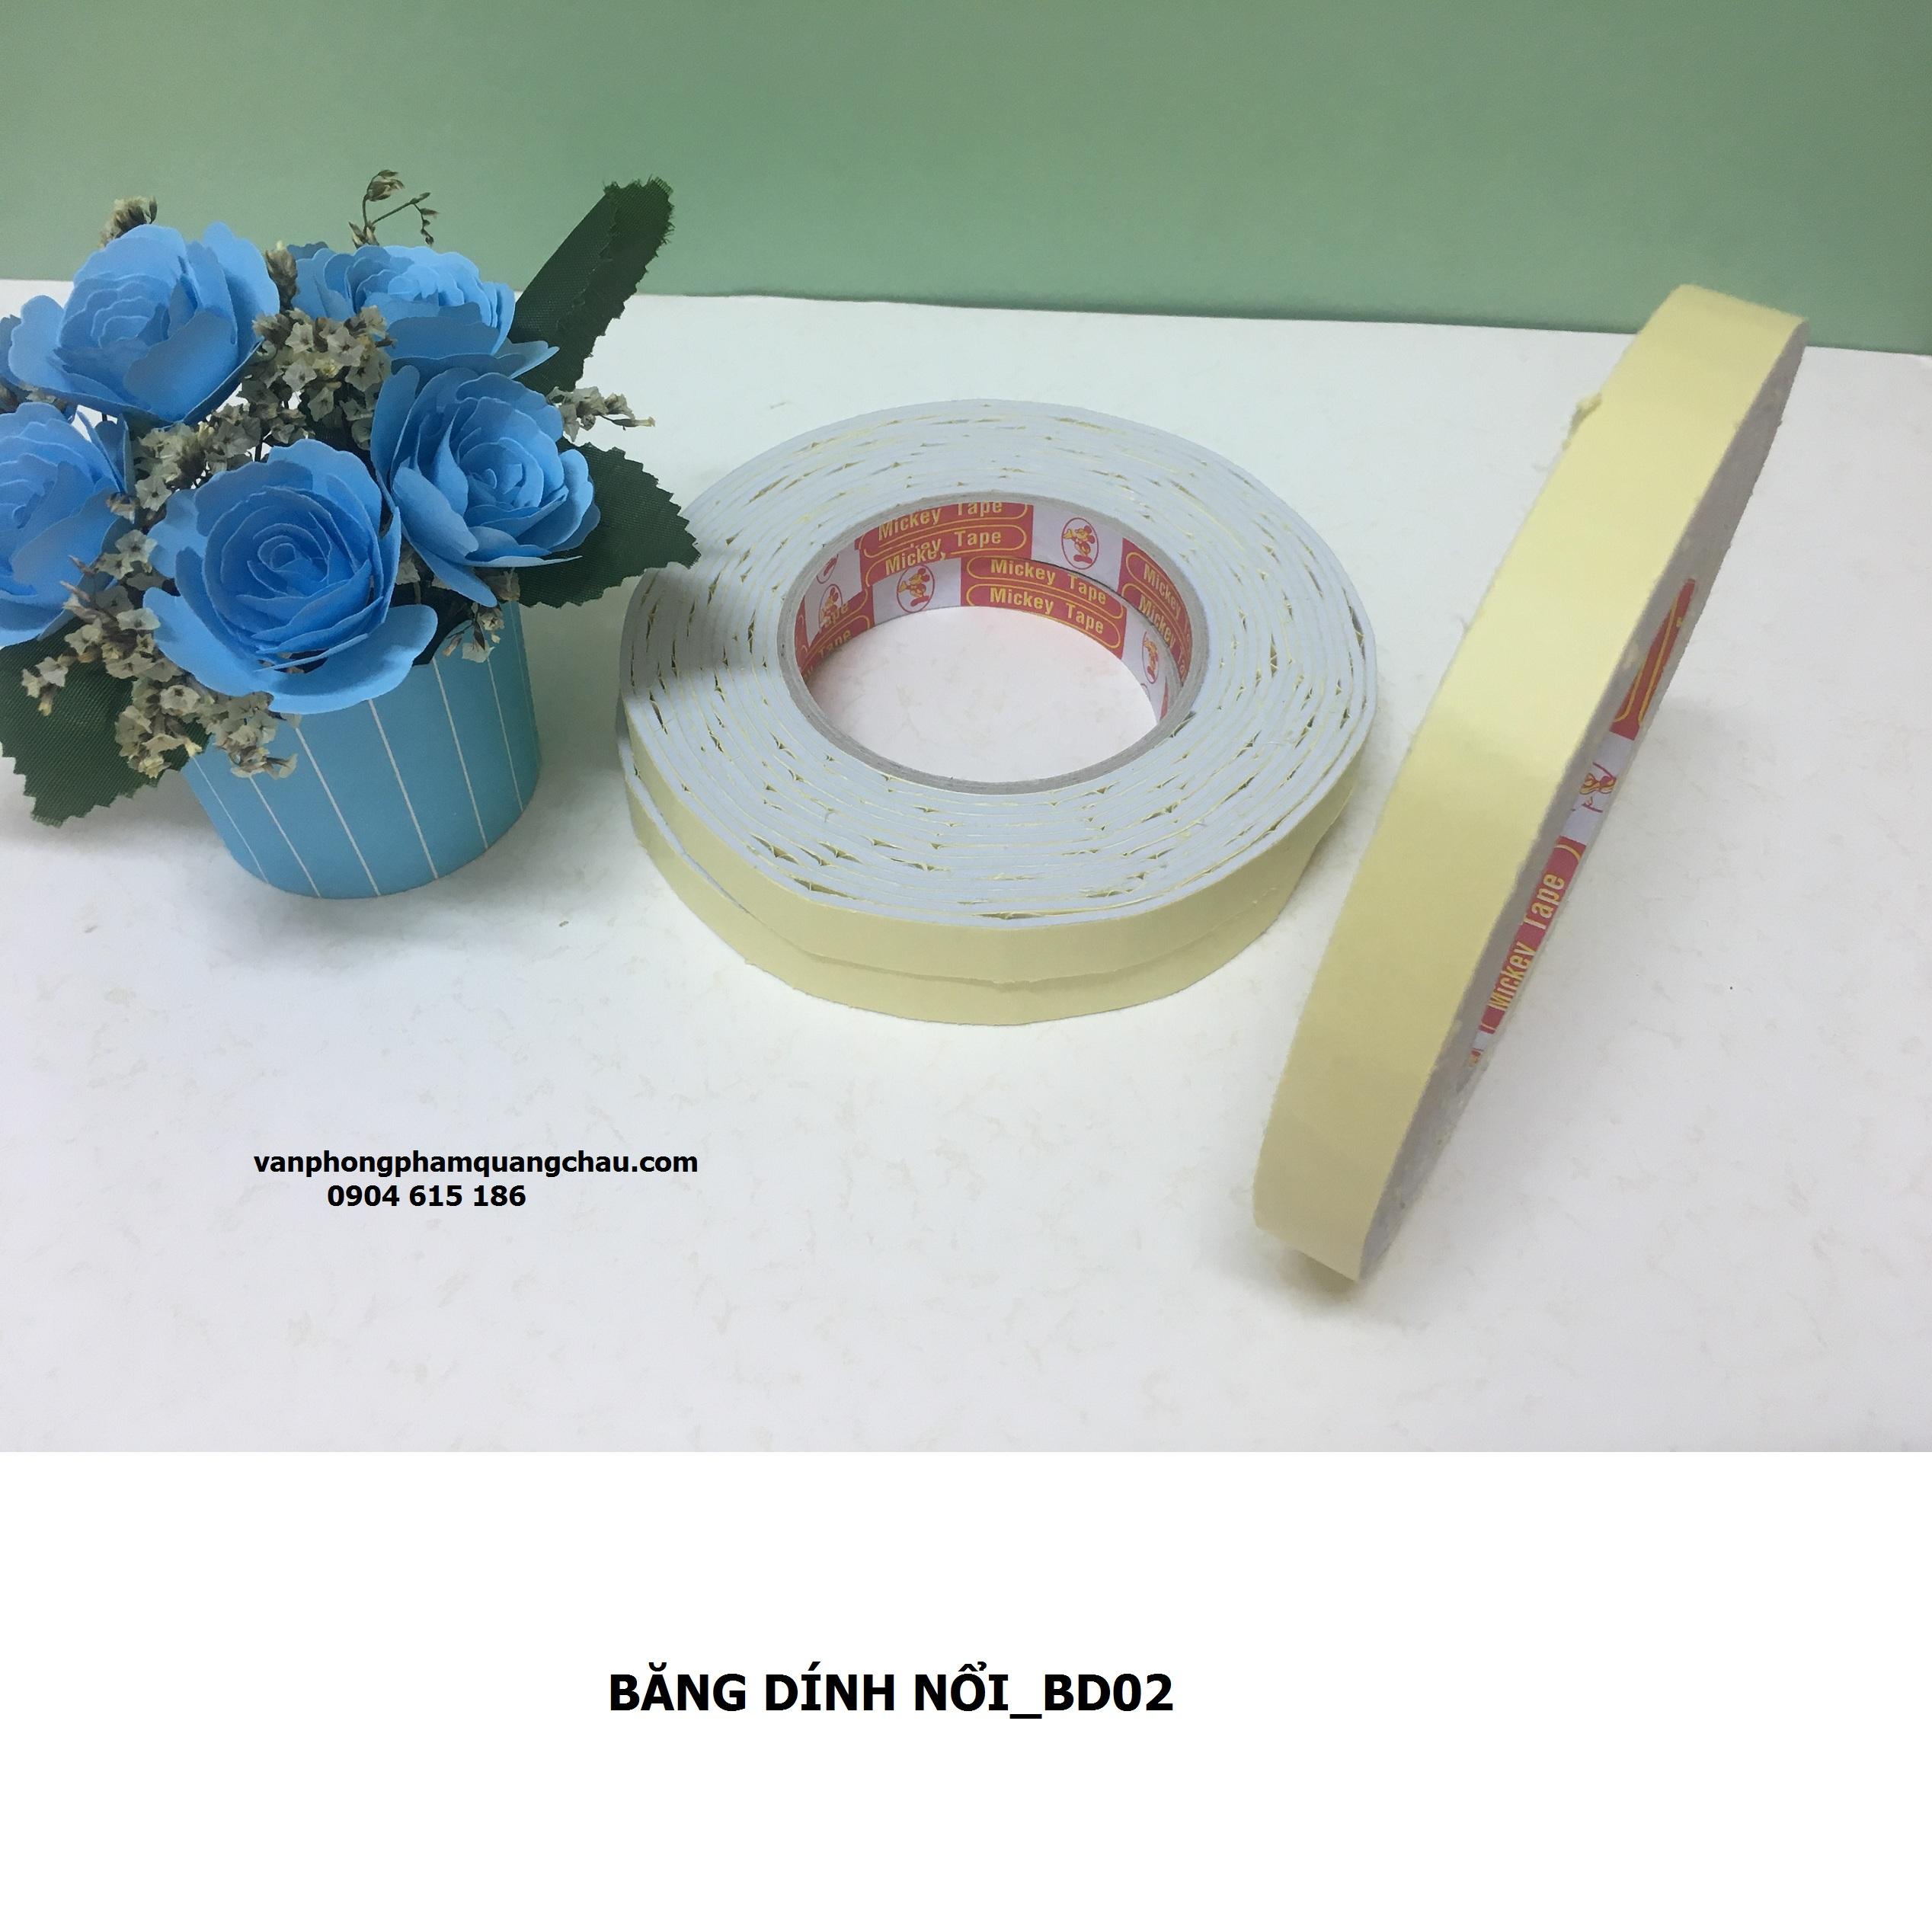 BĂNG DÍNH NỔI BẢN 1CM_BD04